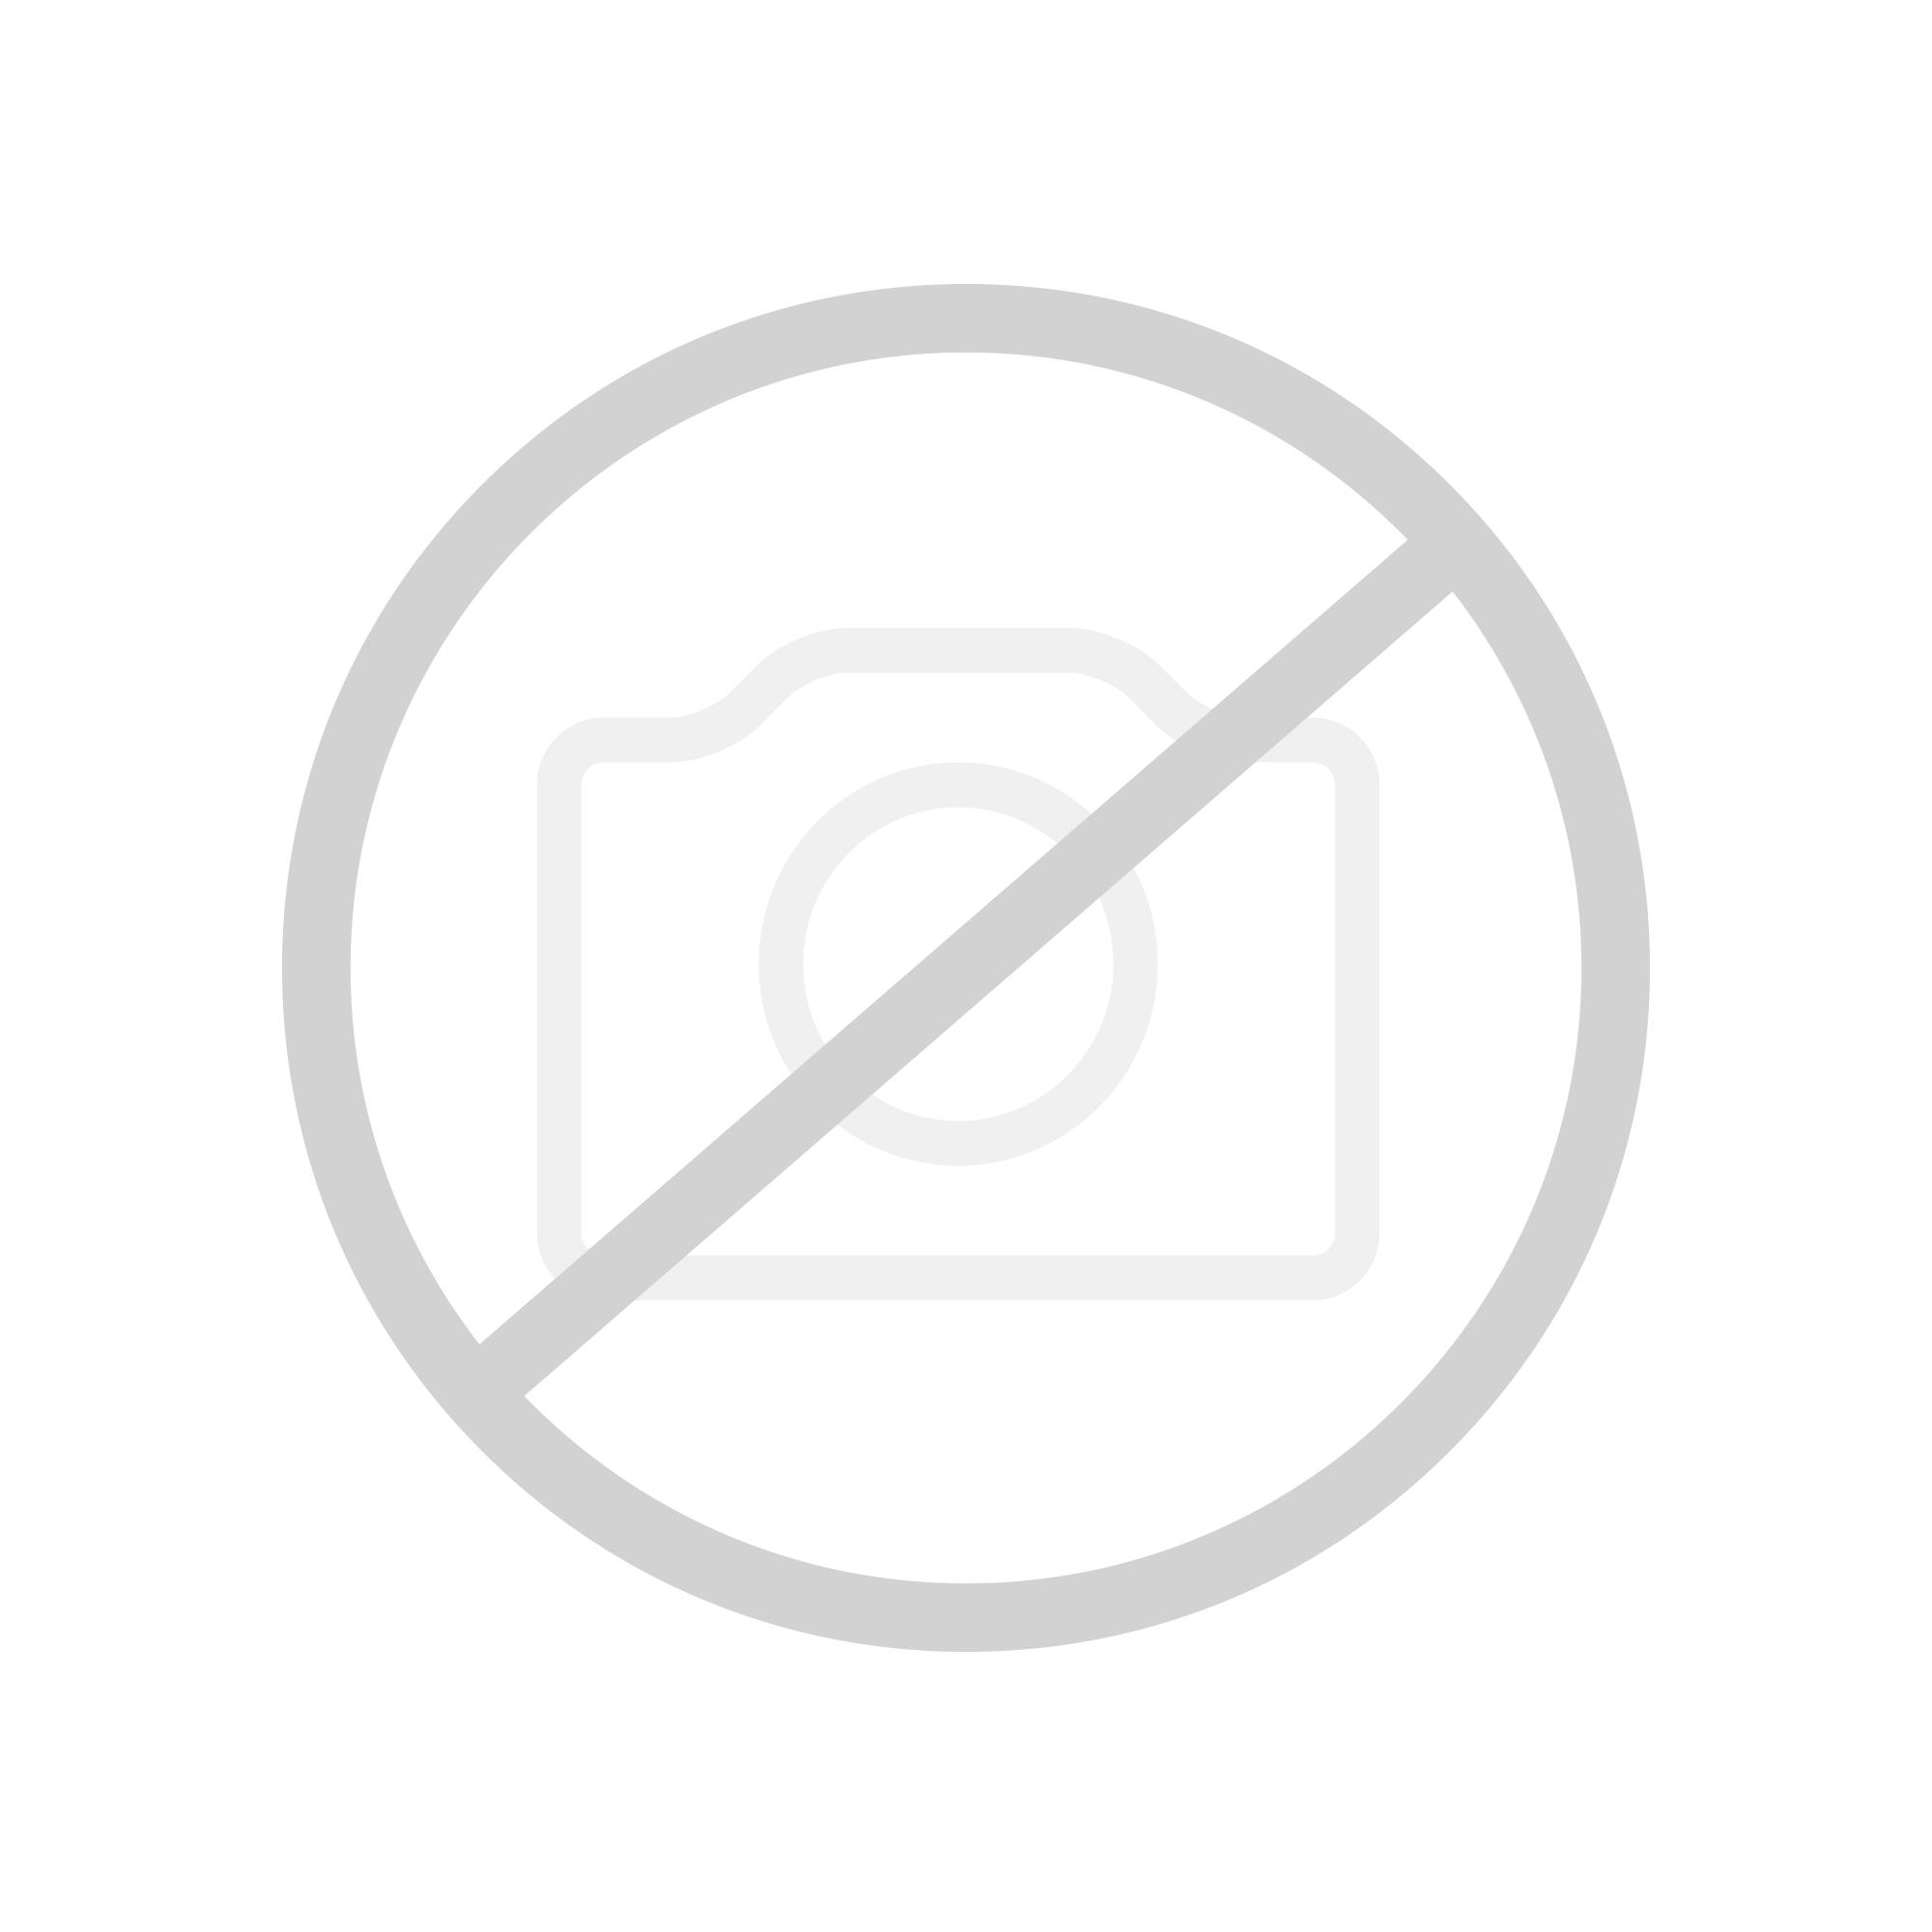 Zack FRESCO Handtuchstange, schwenkbar